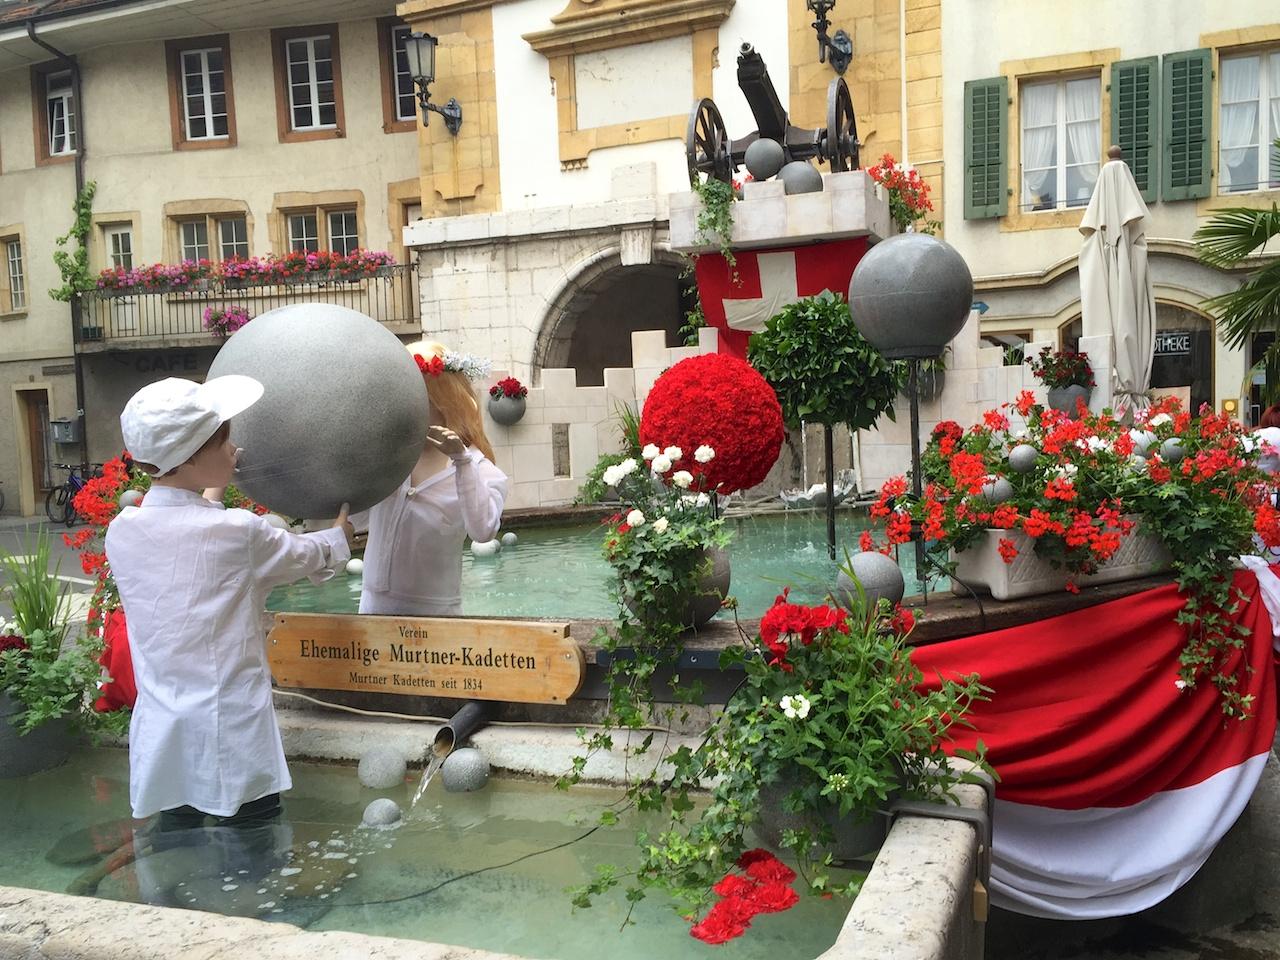 Das Brunnenfest: Mit viel Liebe dekorierte Brunnen